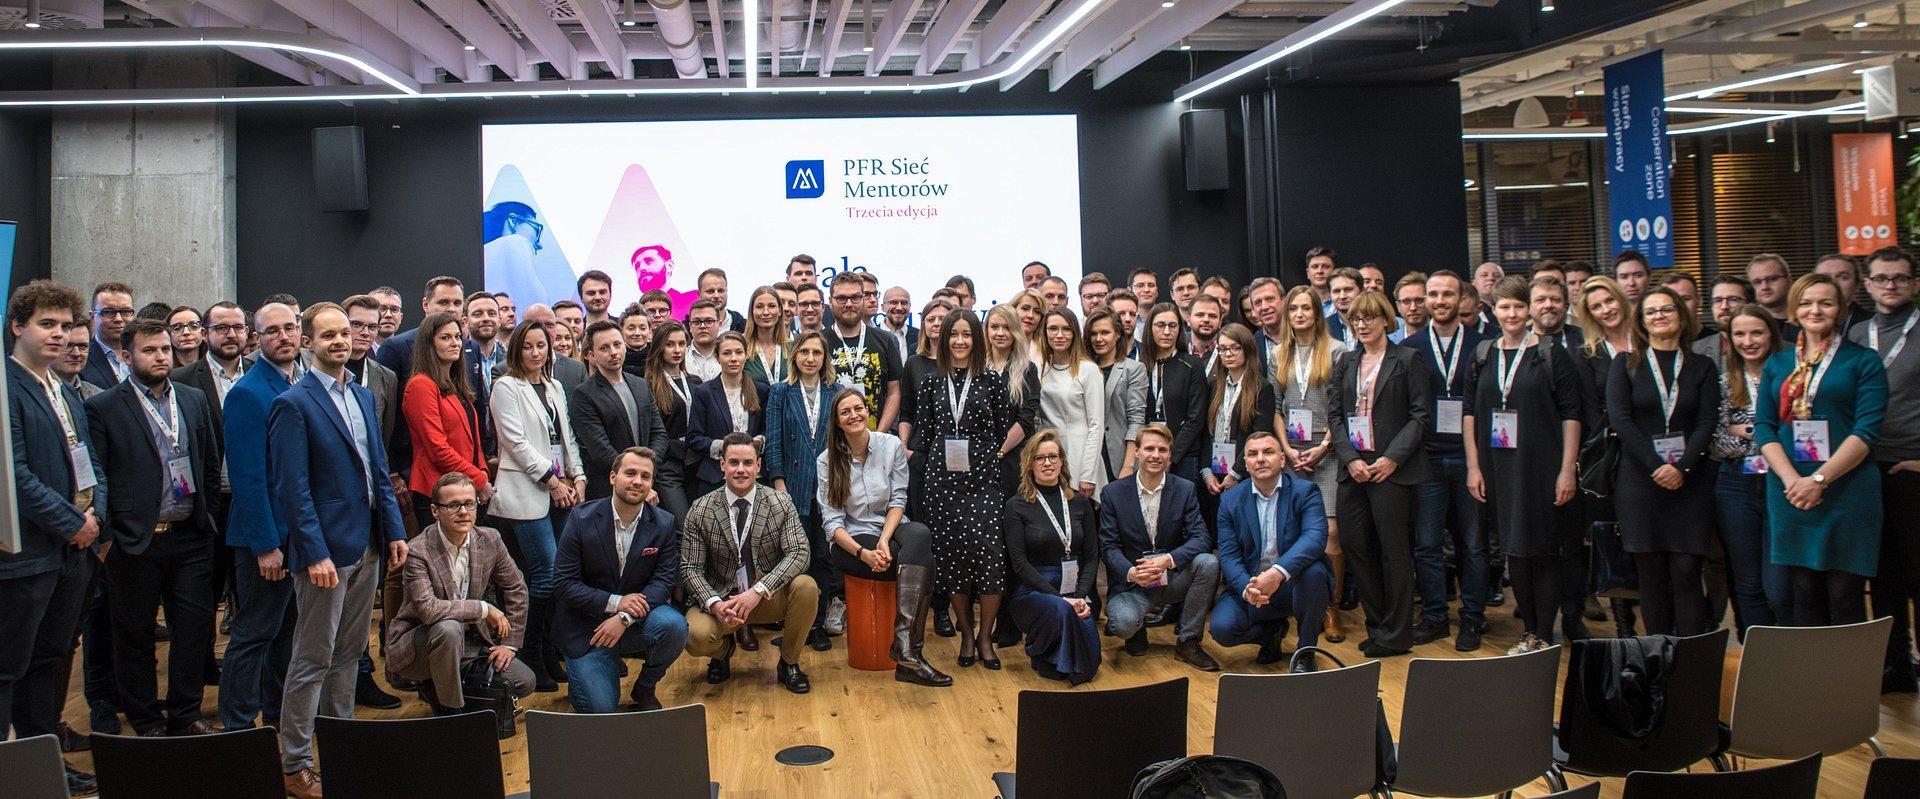 Polscy start-upowcy ze wsparciem czołowych praktyków biznesu dzięki Sieci Mentorów PFR